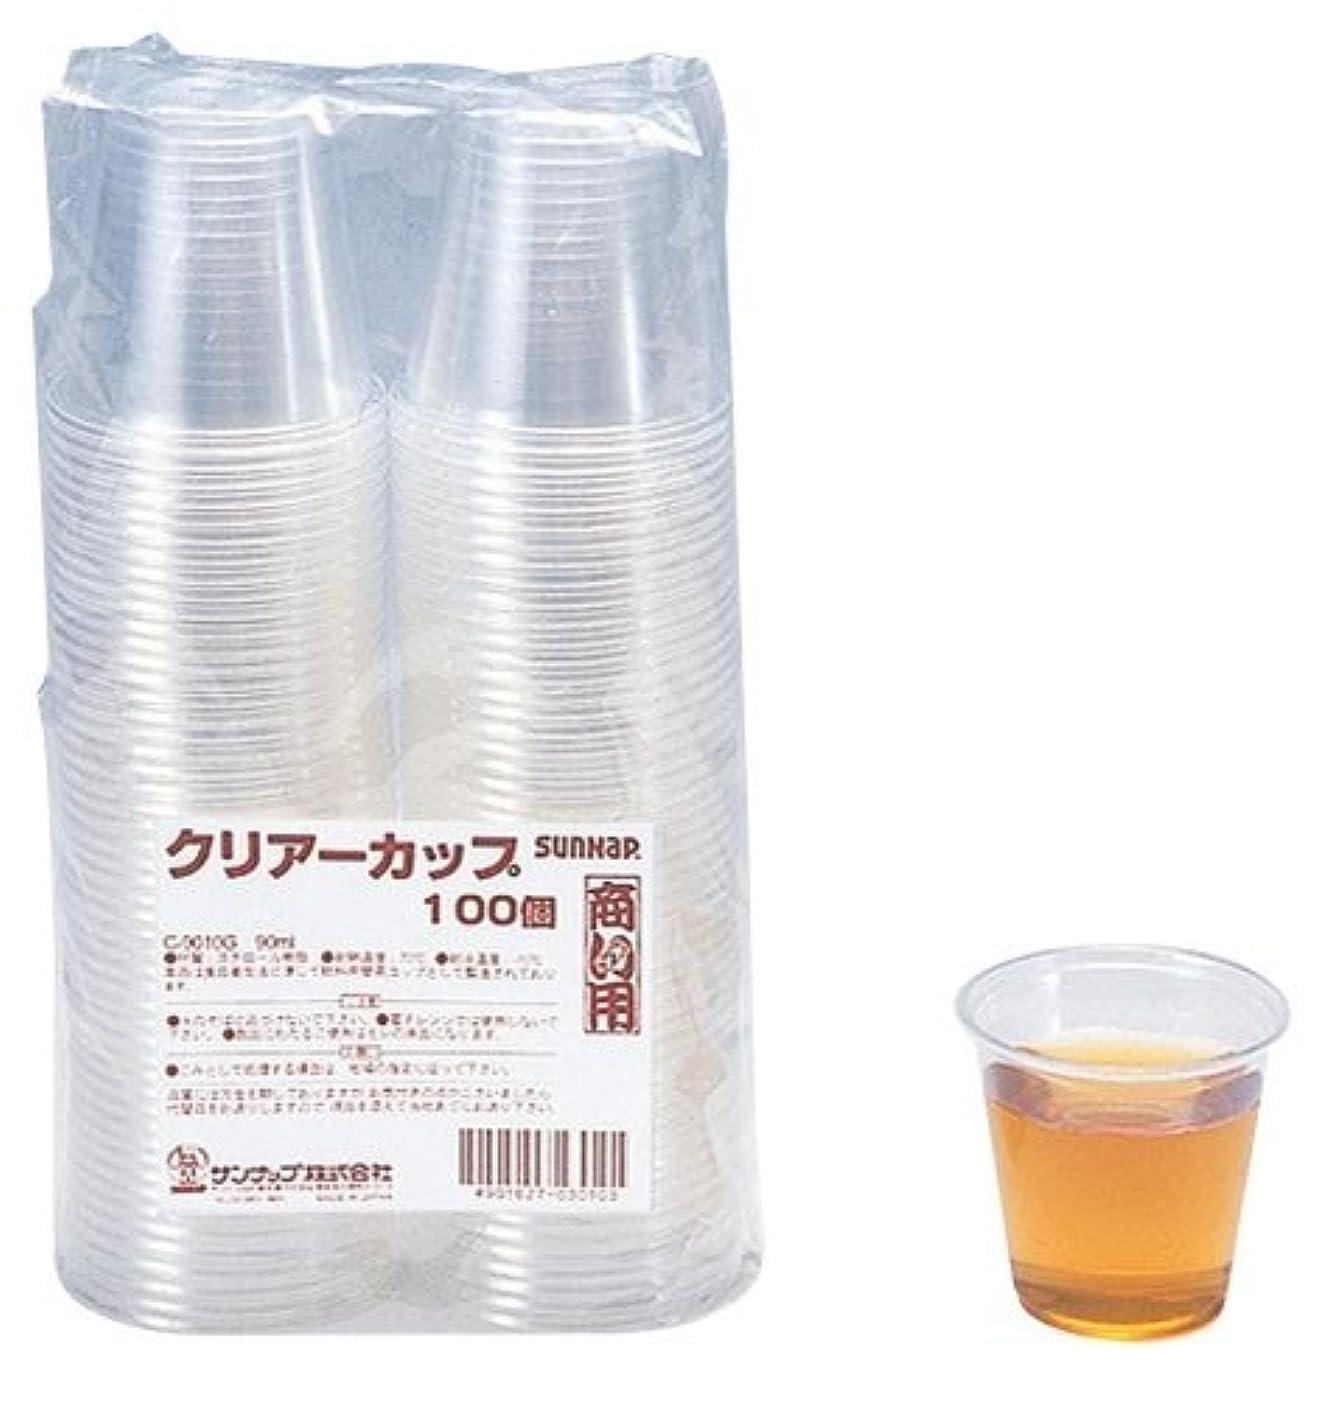 フラップレバー見ました(まとめ買い) サンナップ 商い用クリアーカップ 90ml 100個 C-9010G 【×3】